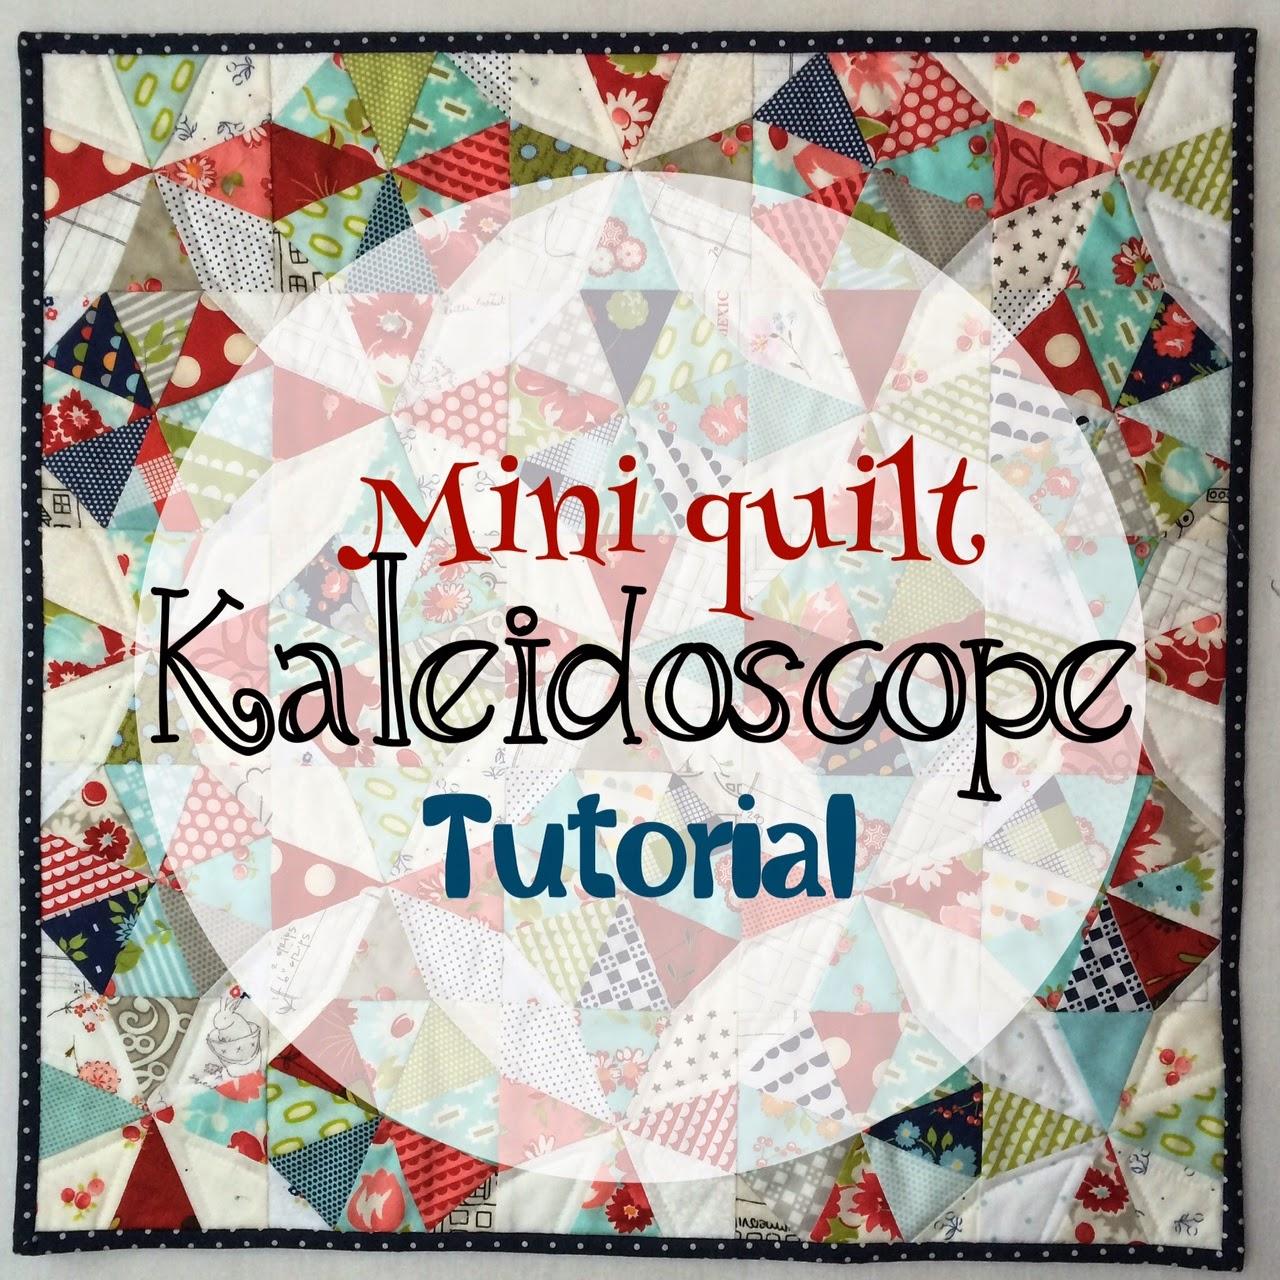 http://redrainbootshandmade.blogspot.com/2014/11/kaleidoscope-mini-quilt-or-pillow-sham.html